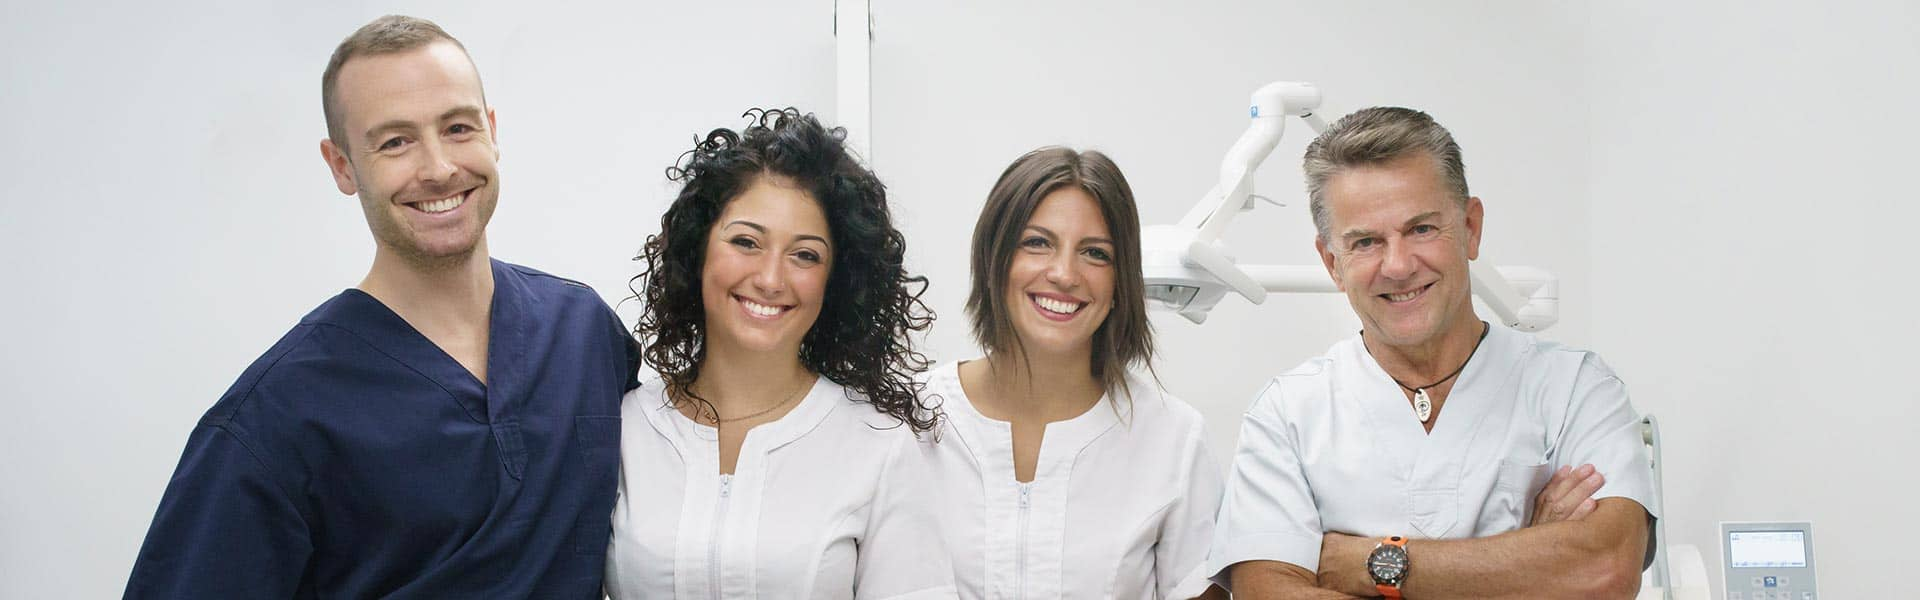 Staff - Studio Medico Dentistico Dott. Guazzo